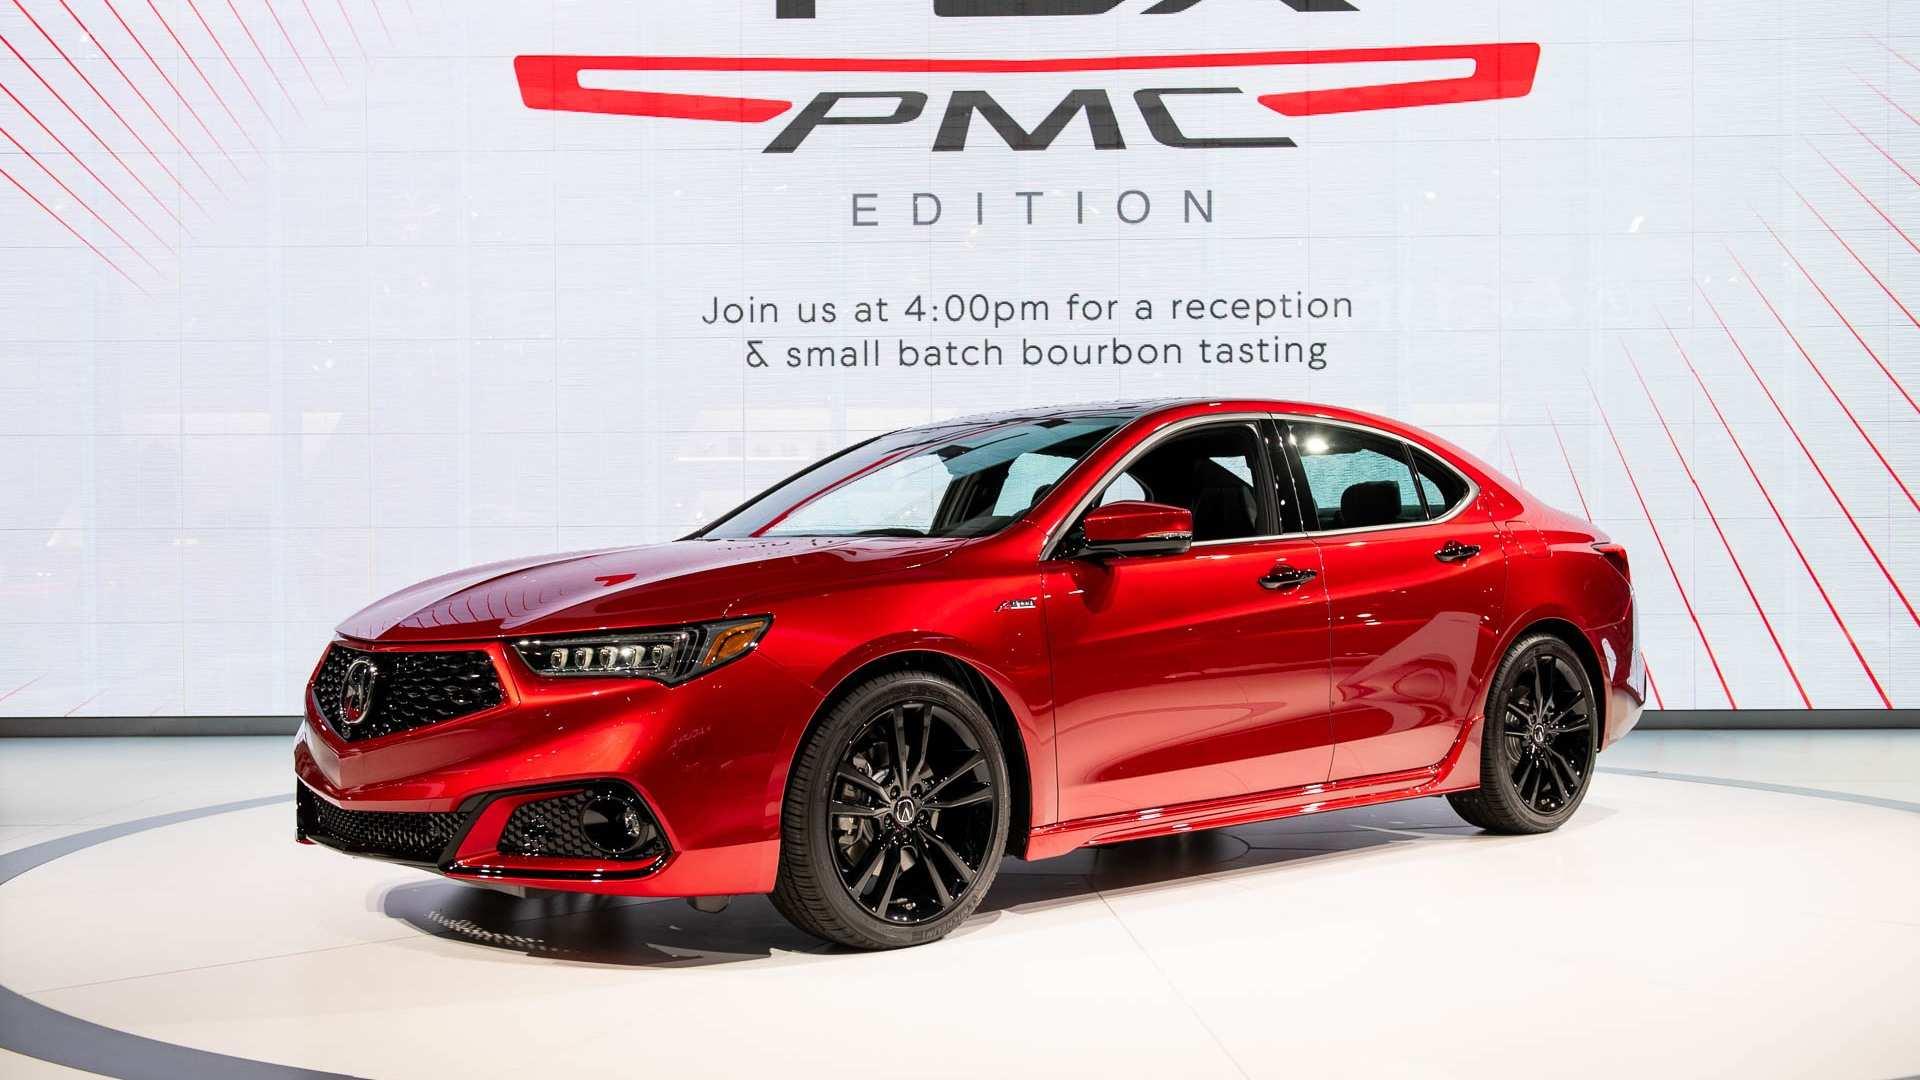 19 New Acura Car 2020 Style for Acura Car 2020